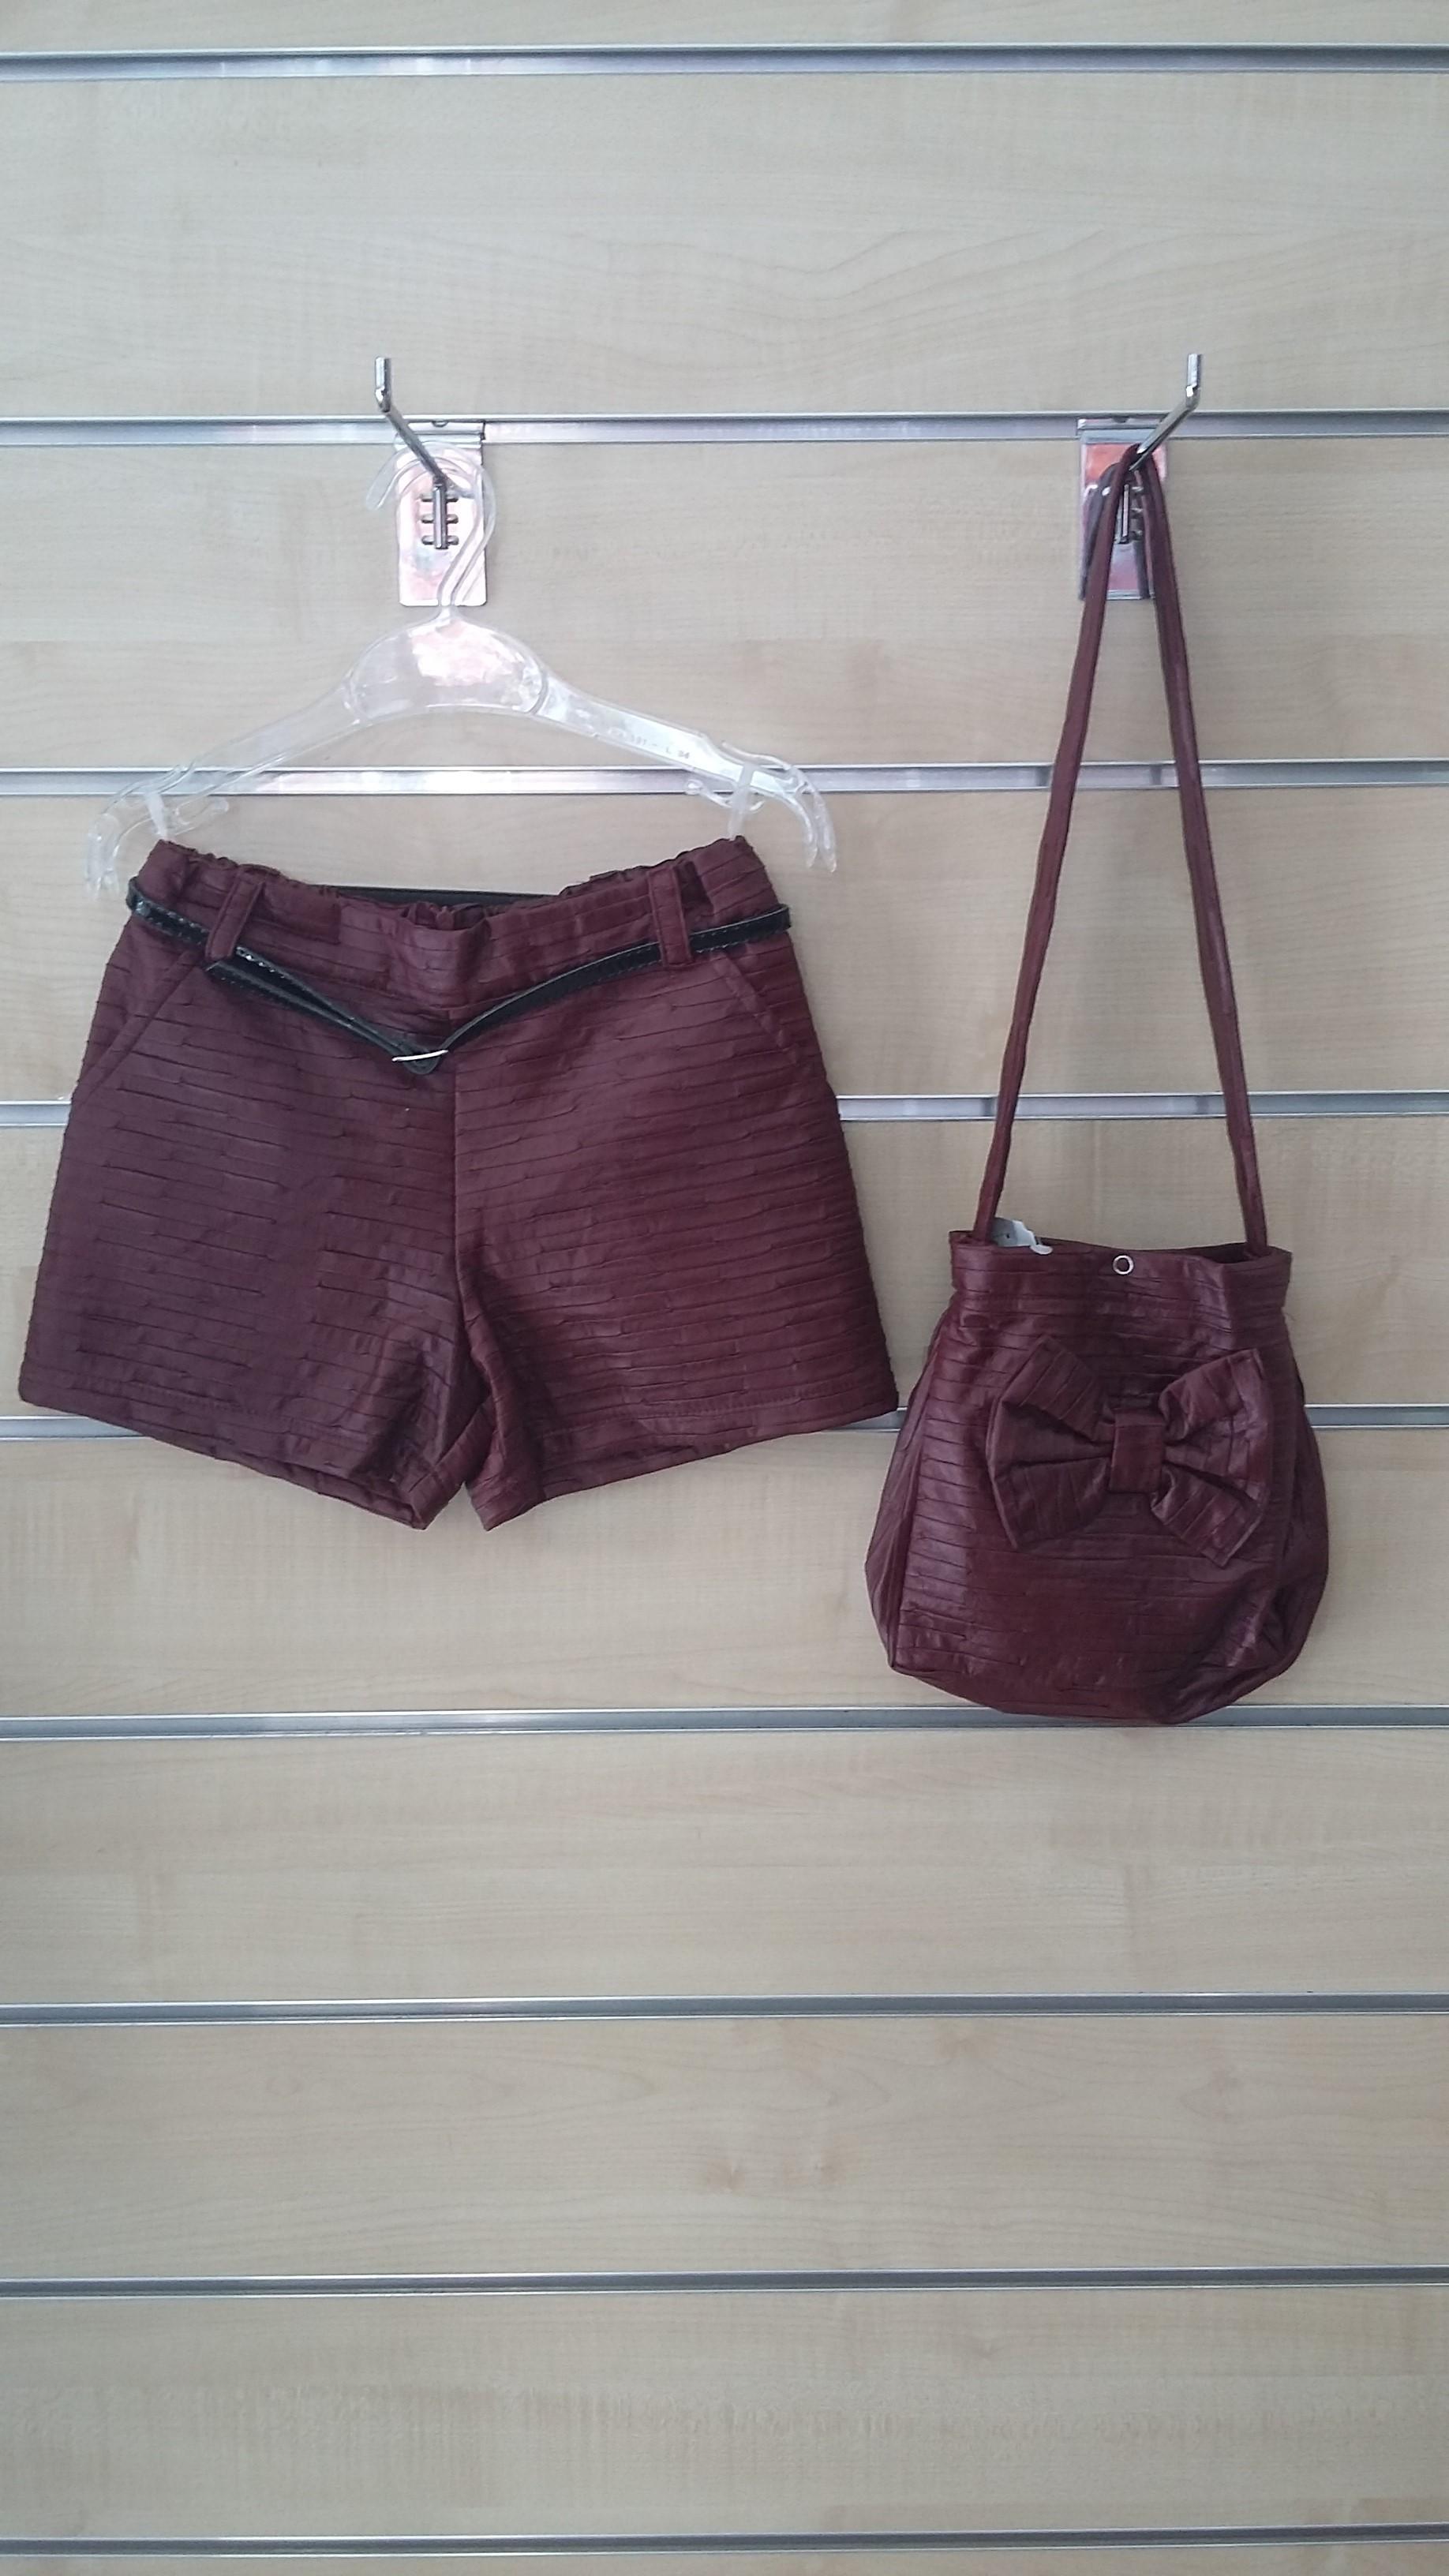 884ecfb2aa Σορτς 7427 δερματινη - Παιδικά Ρούχα ΘεσσαλονίκηΠαιδικά Ρούχα ...